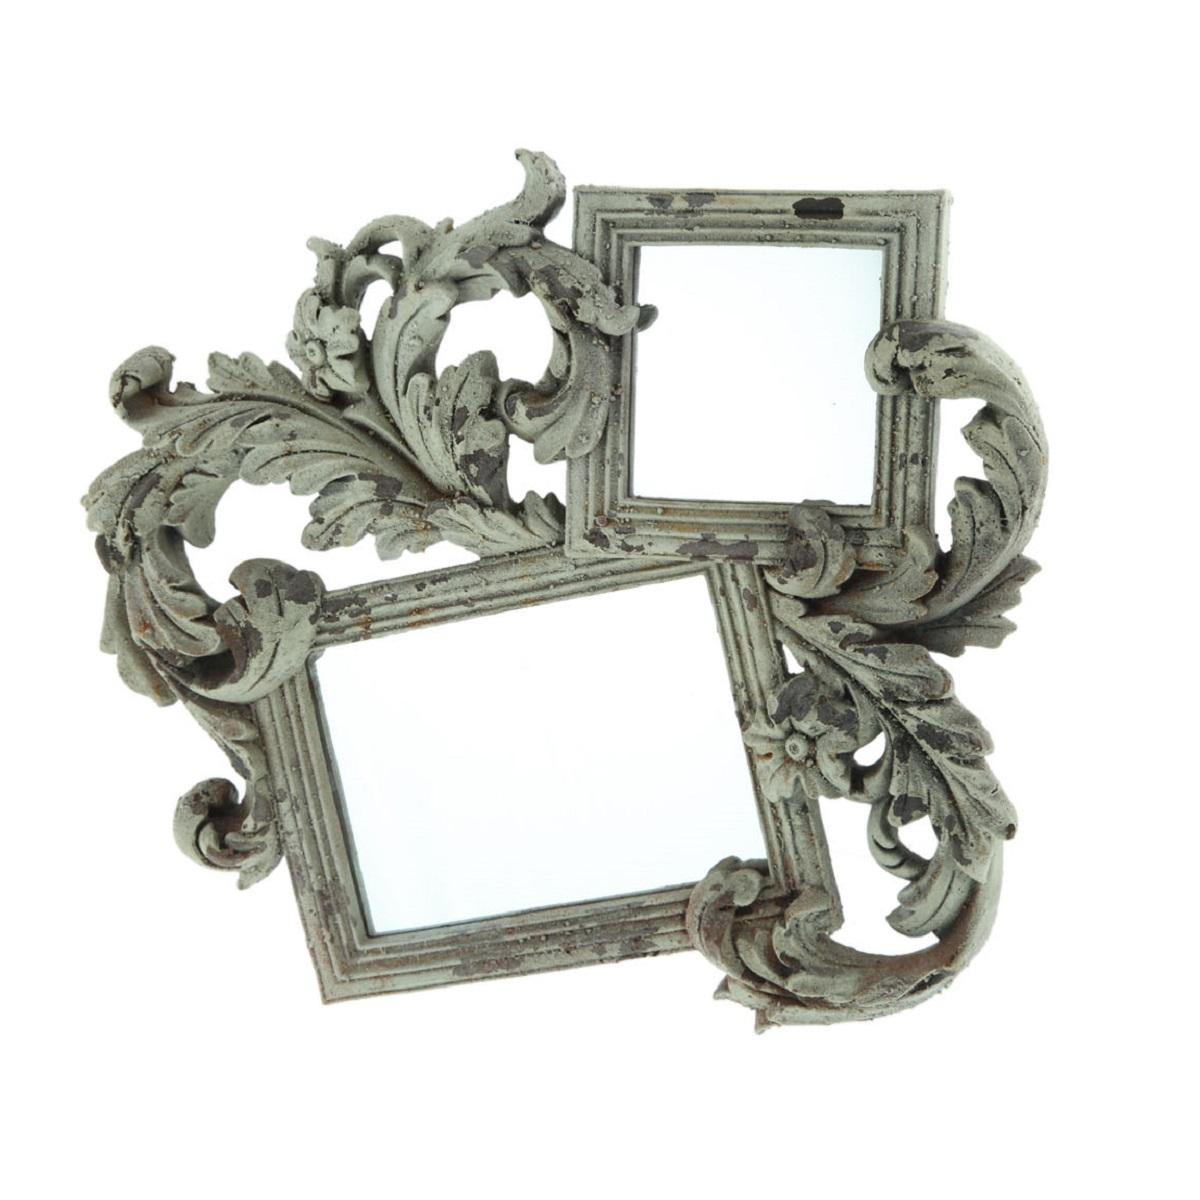 Зеркала Зеркало декоративное Decor двойное 78079AL zerkalo-dekorativnoe-decor-dvoynoe-78079al-kitay.jpg